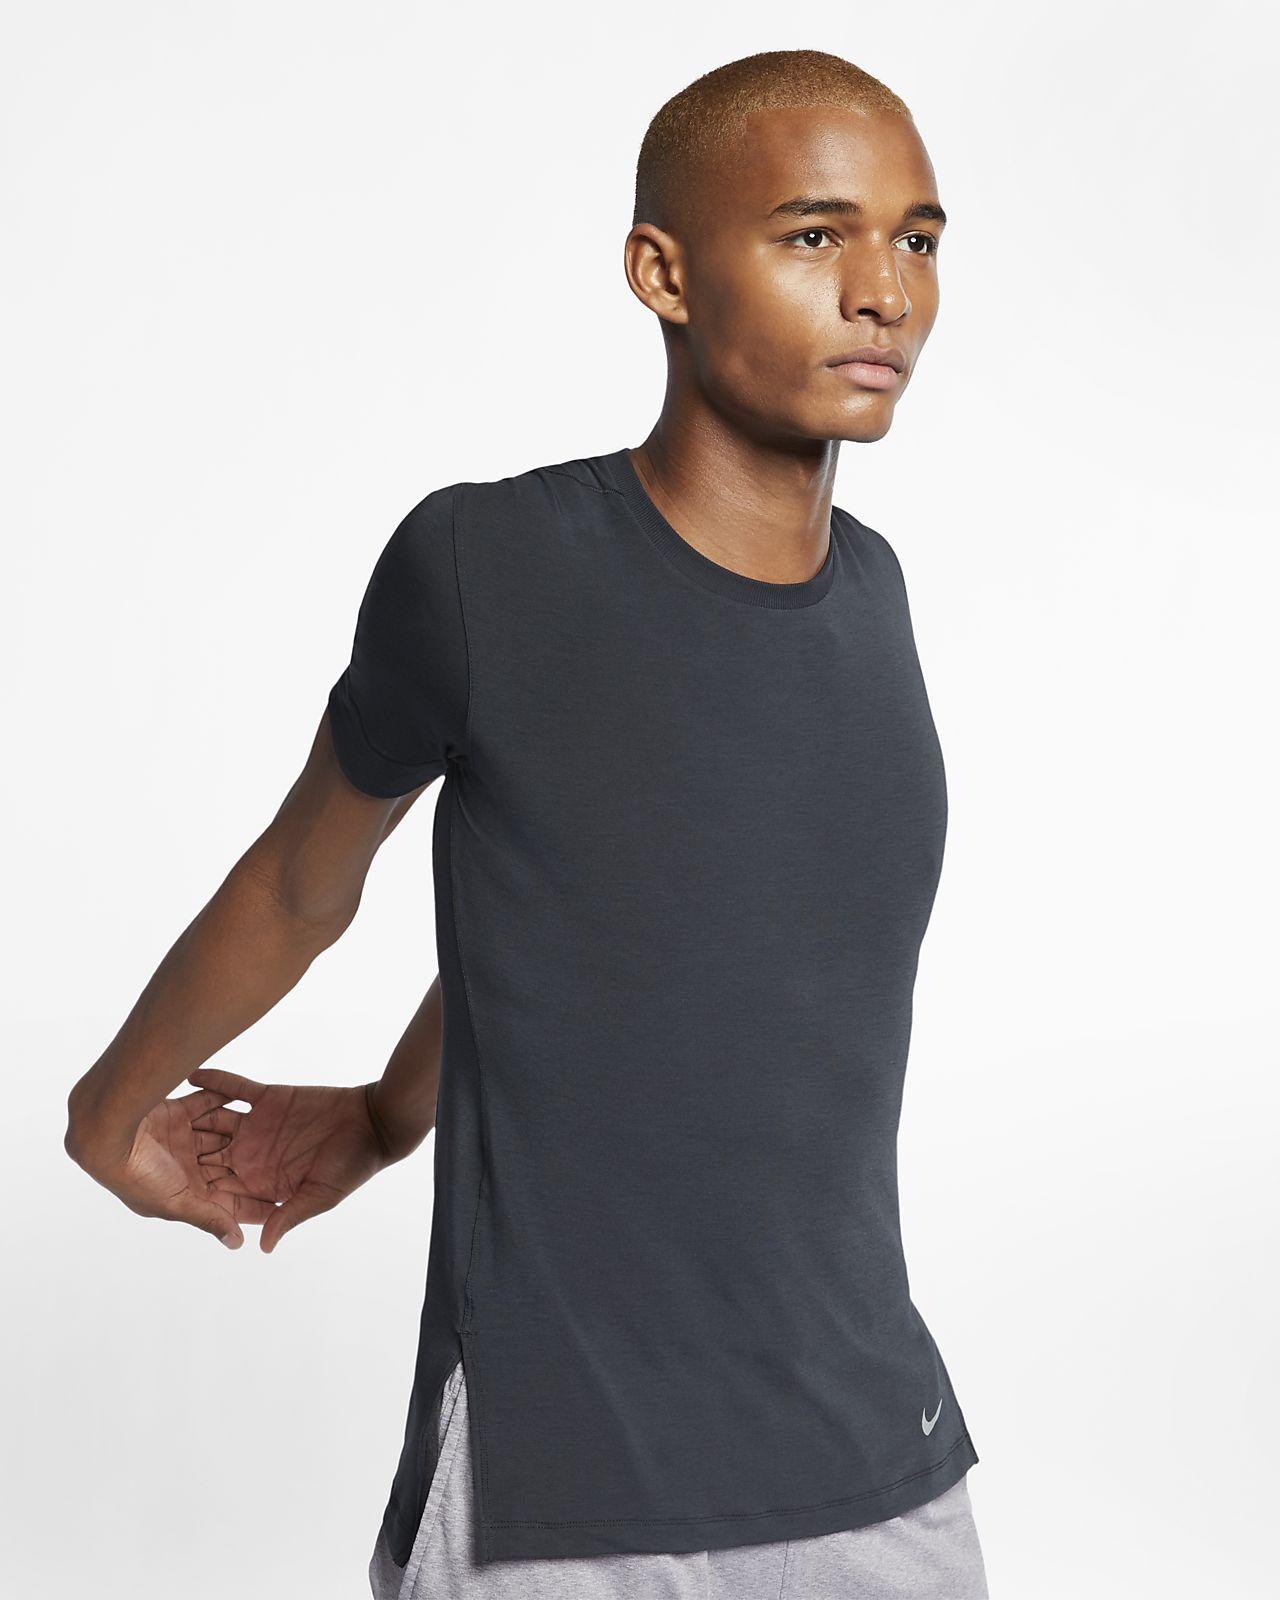 เสื้อเทรนนิ่งโยคะแขนสั้นผู้ชาย Nike Dri-FIT